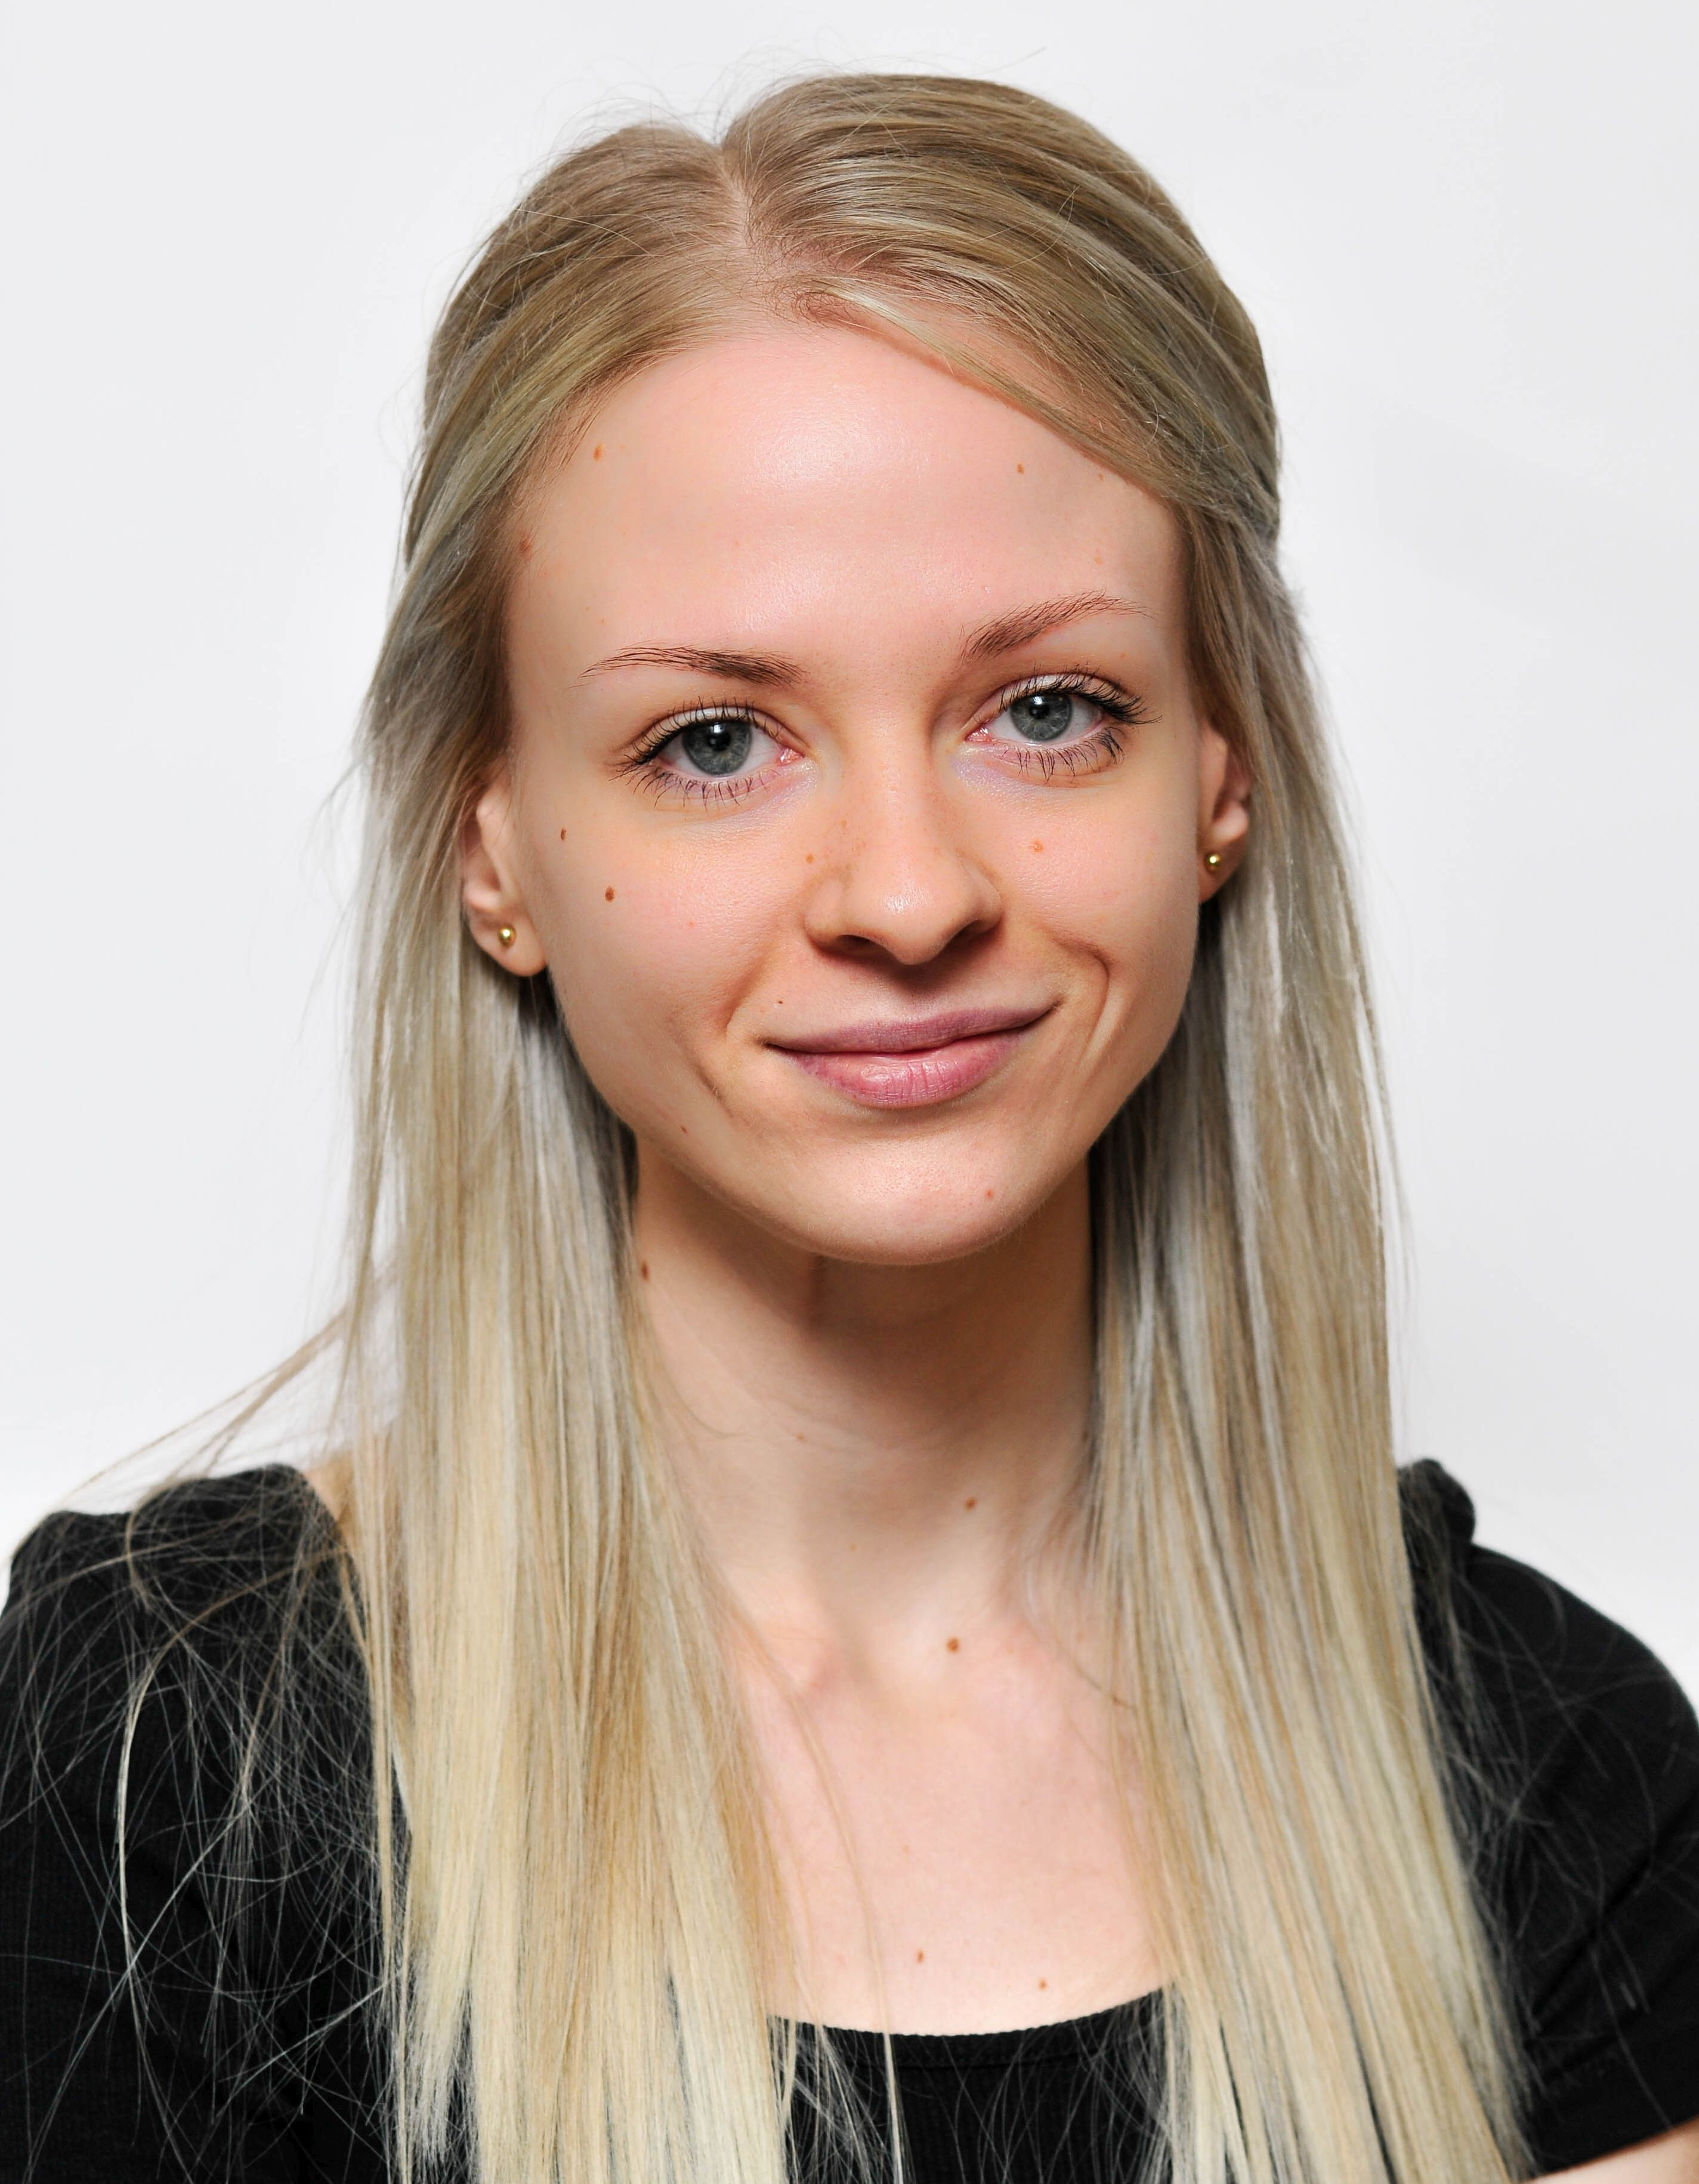 lic. Martyna Maciejewska